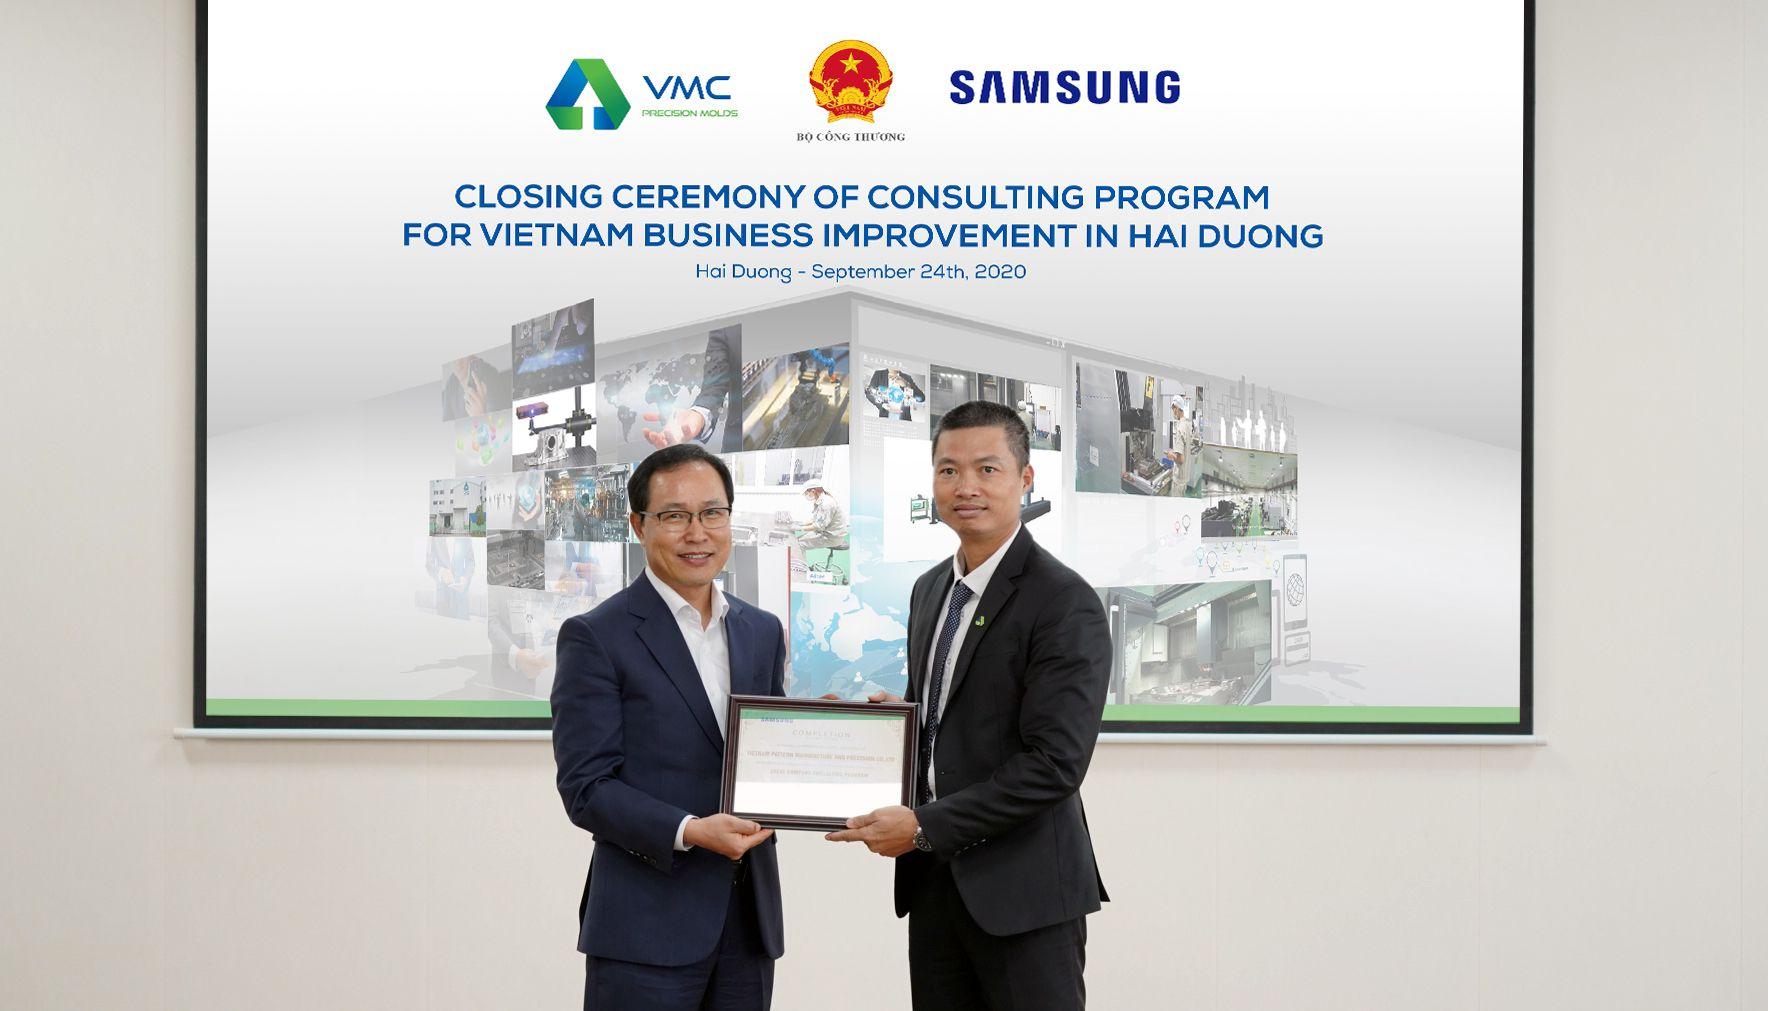 Ông Choi Joo Ho- Tổng Giám đốc Samsung Việt Nam trao Chứng nhận Hoàn thành chương trình cải tiến cho ông Mẫn Chí Trung - Lãnh đạo VMC